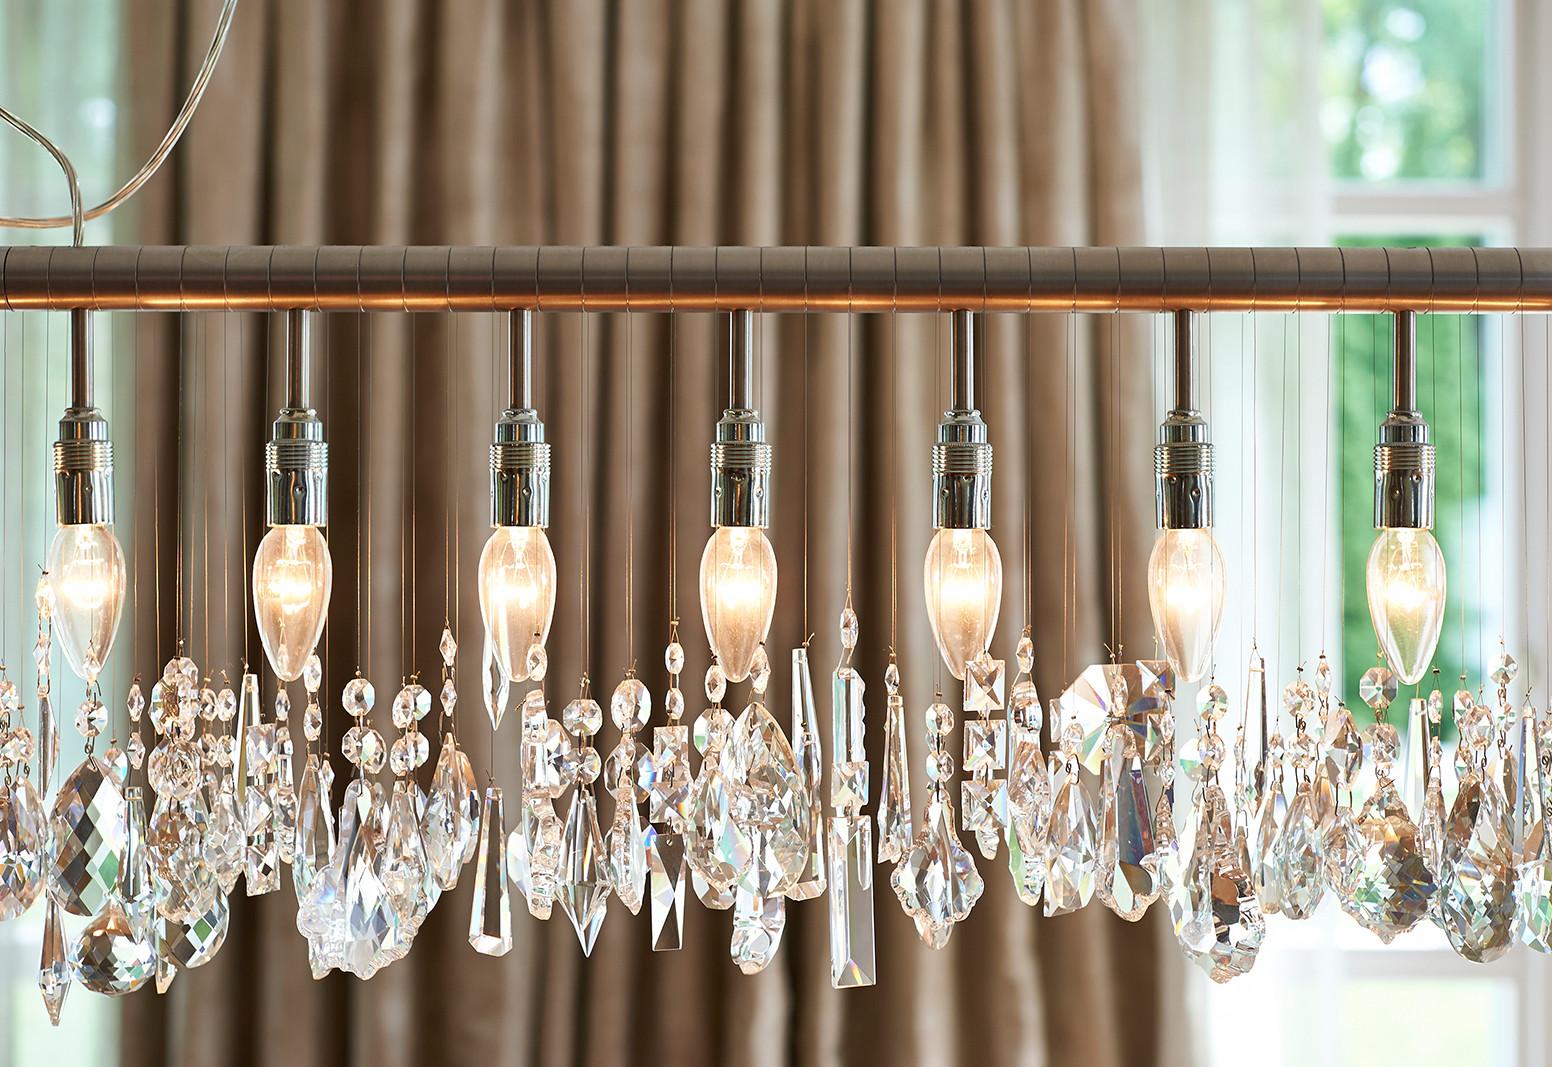 Stefanie Raum Beleuchtung Tisch Raum Contemporary Interior